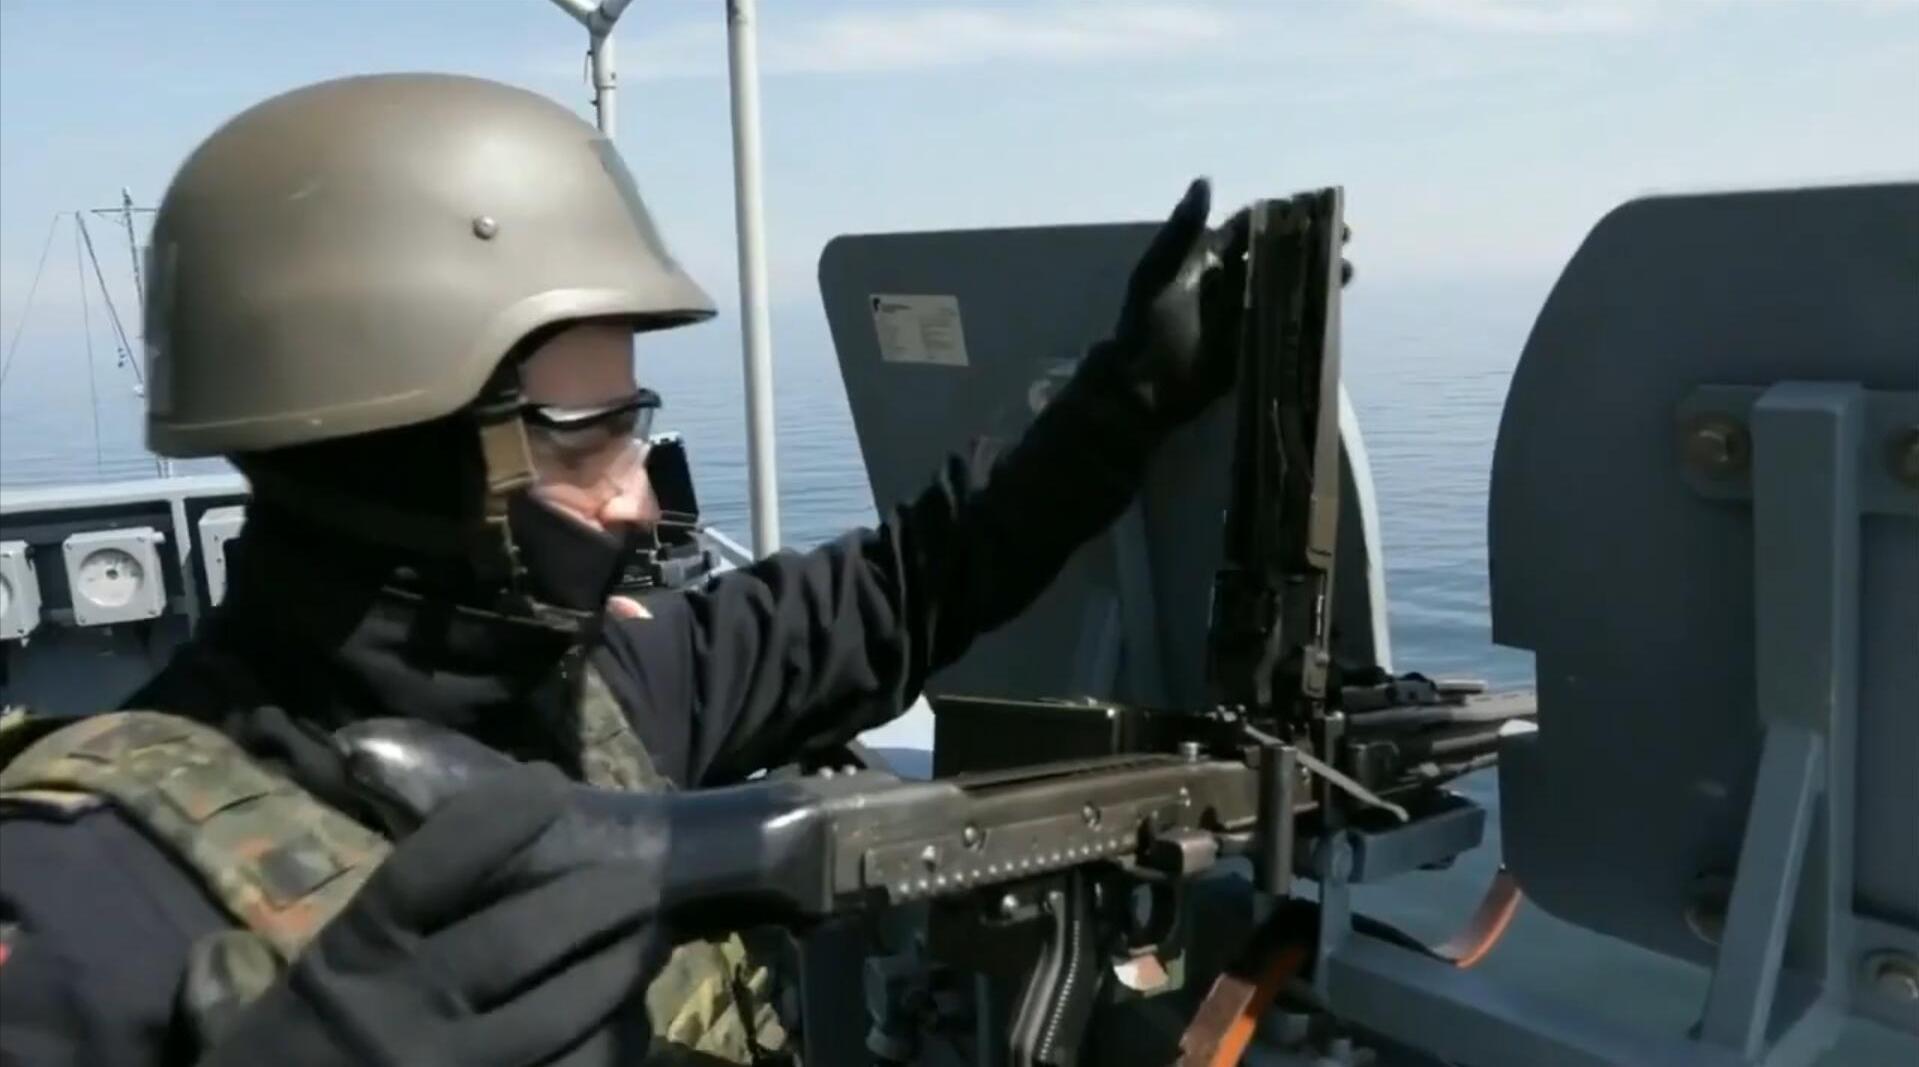 德国海军MLG-27多功能舰炮,与MG3、M2机枪海上射击训练!